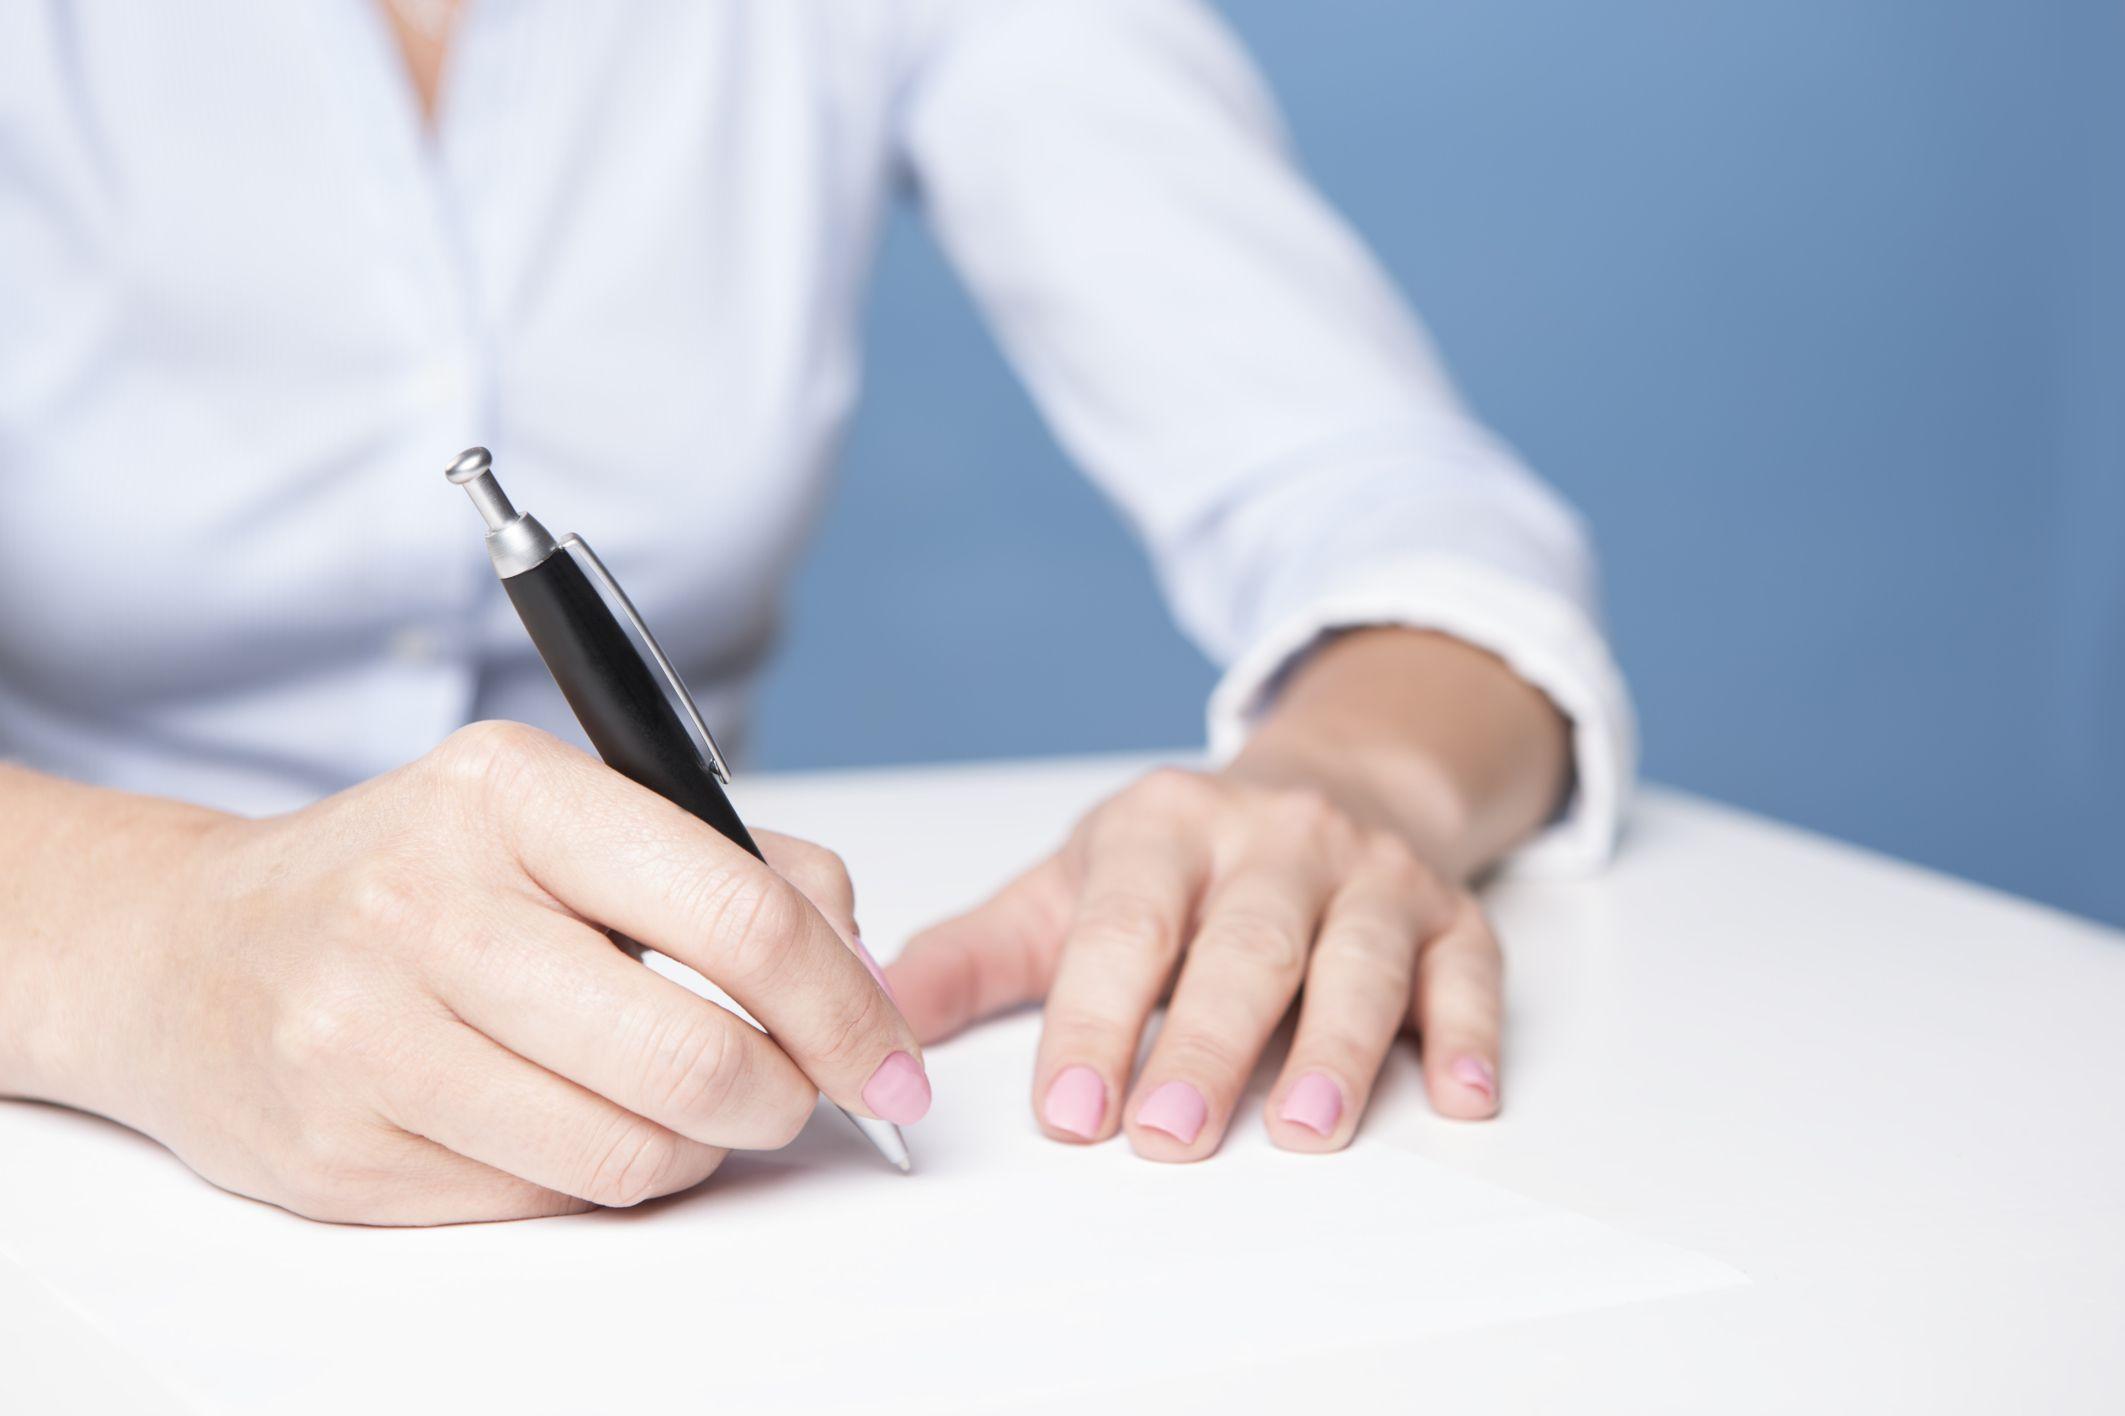 Escribiendo una crítica